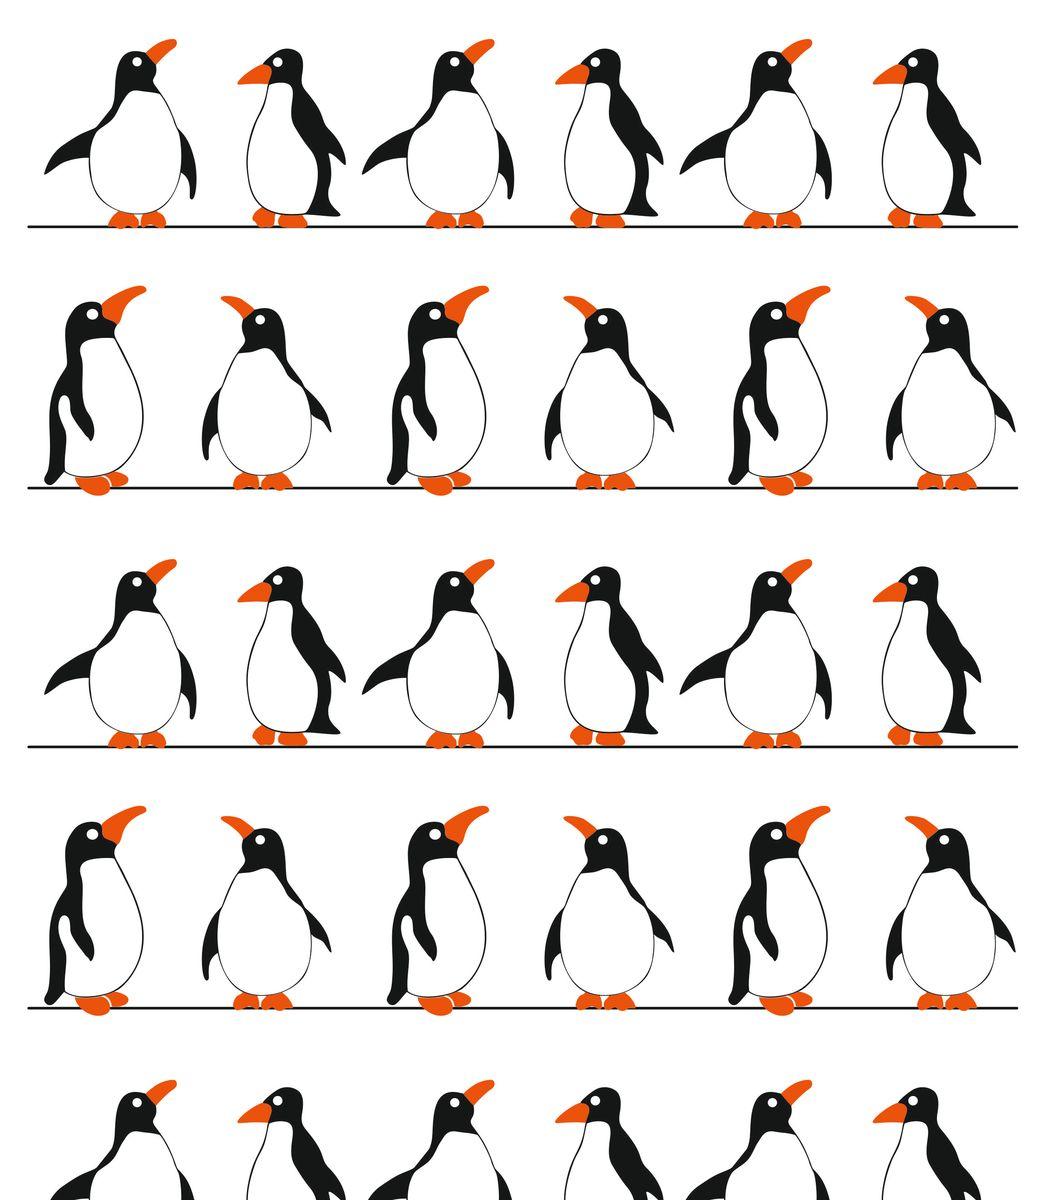 Штора для ванной комнаты Vanstore Пингвины, цвет: белый, черный, оранжевый, 180 х 180 см штора для ванной комнаты vanstore zober цвет белый 180 х 180 см